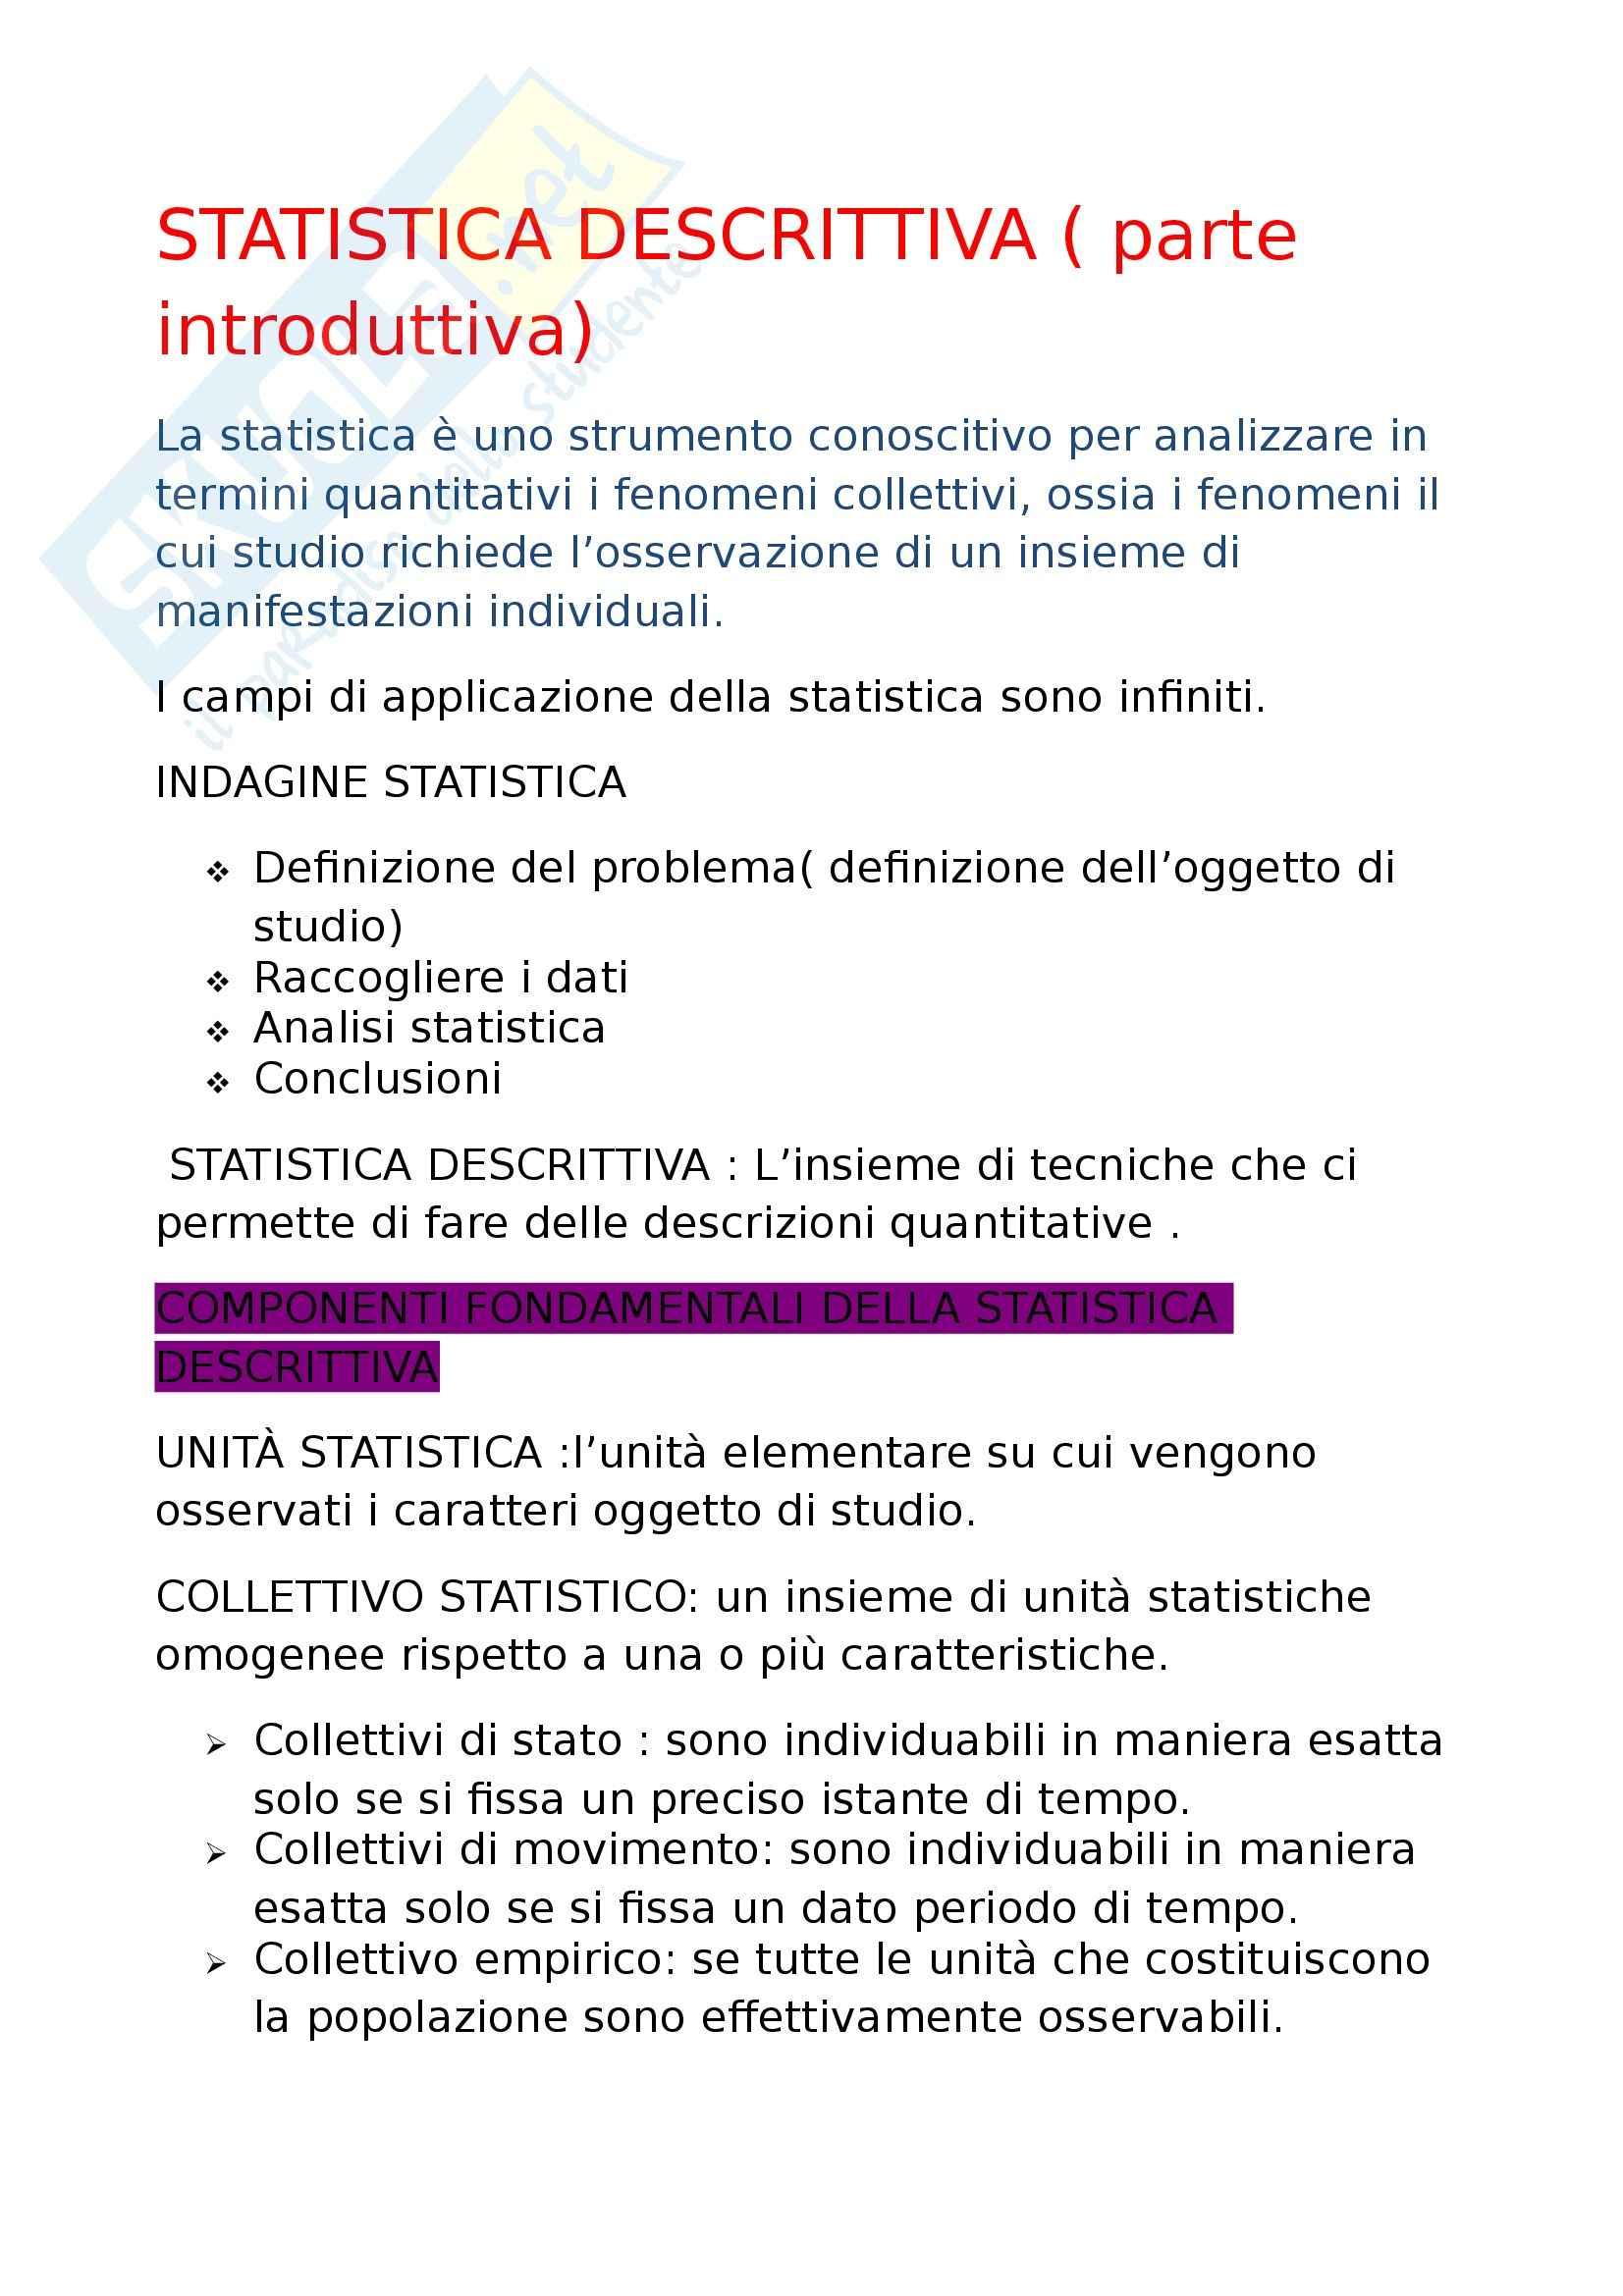 Statistica descrittiva - Appunti